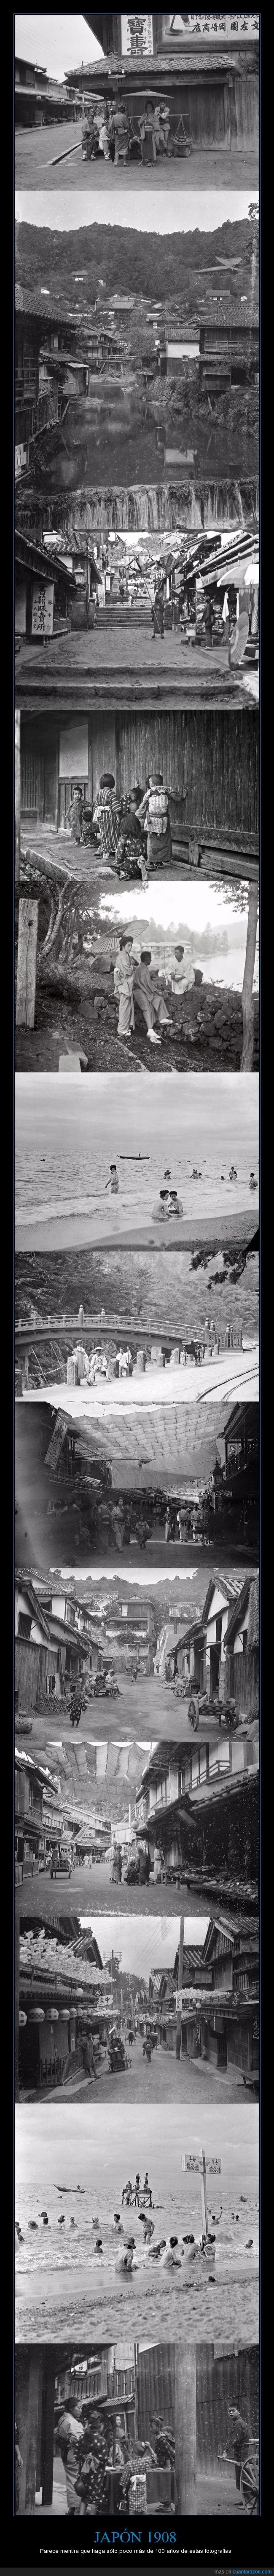 1908,Arnold Genthe,fotografía,Japón